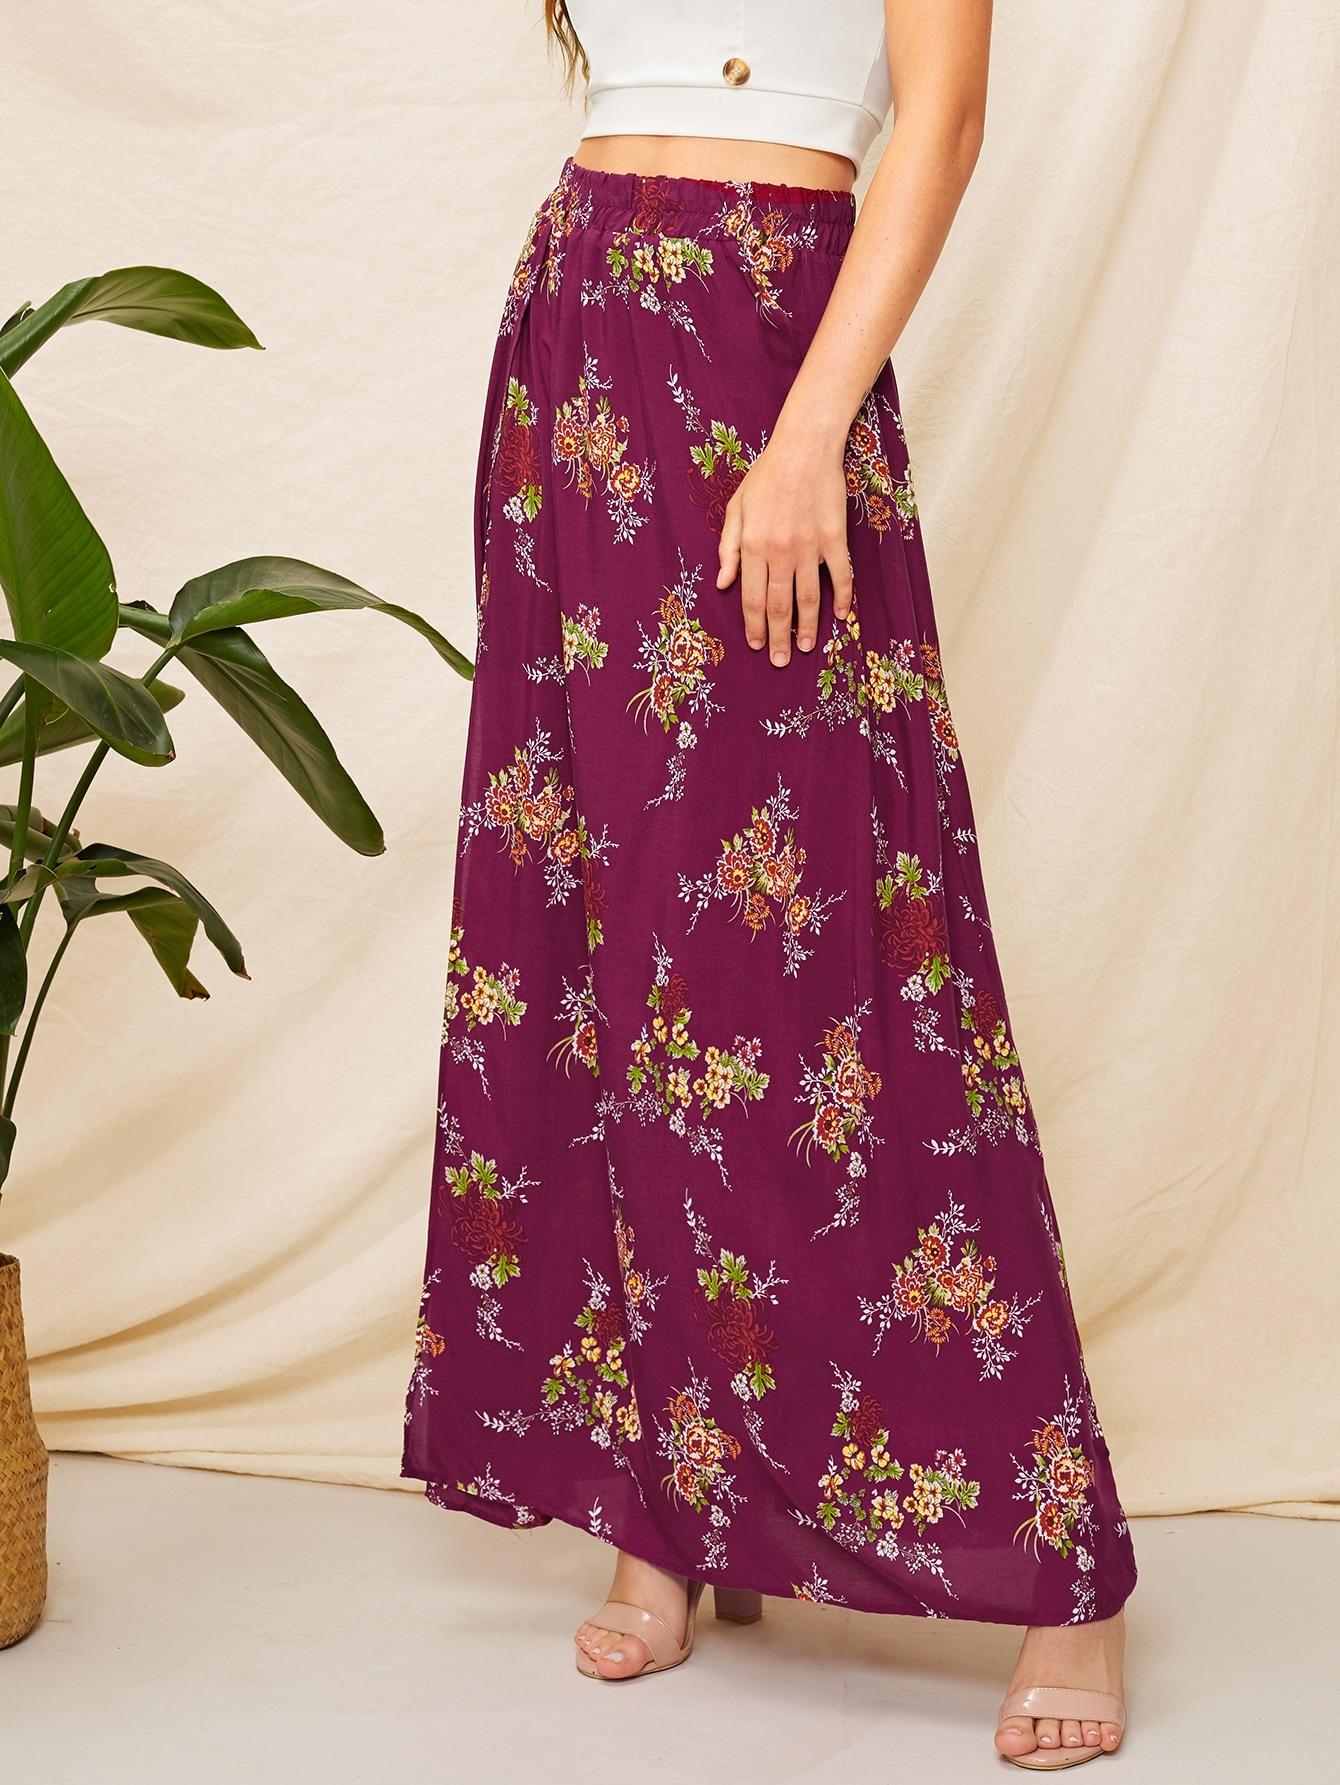 SHEIN / Falda maxi con estampado floral de muslo con abertura